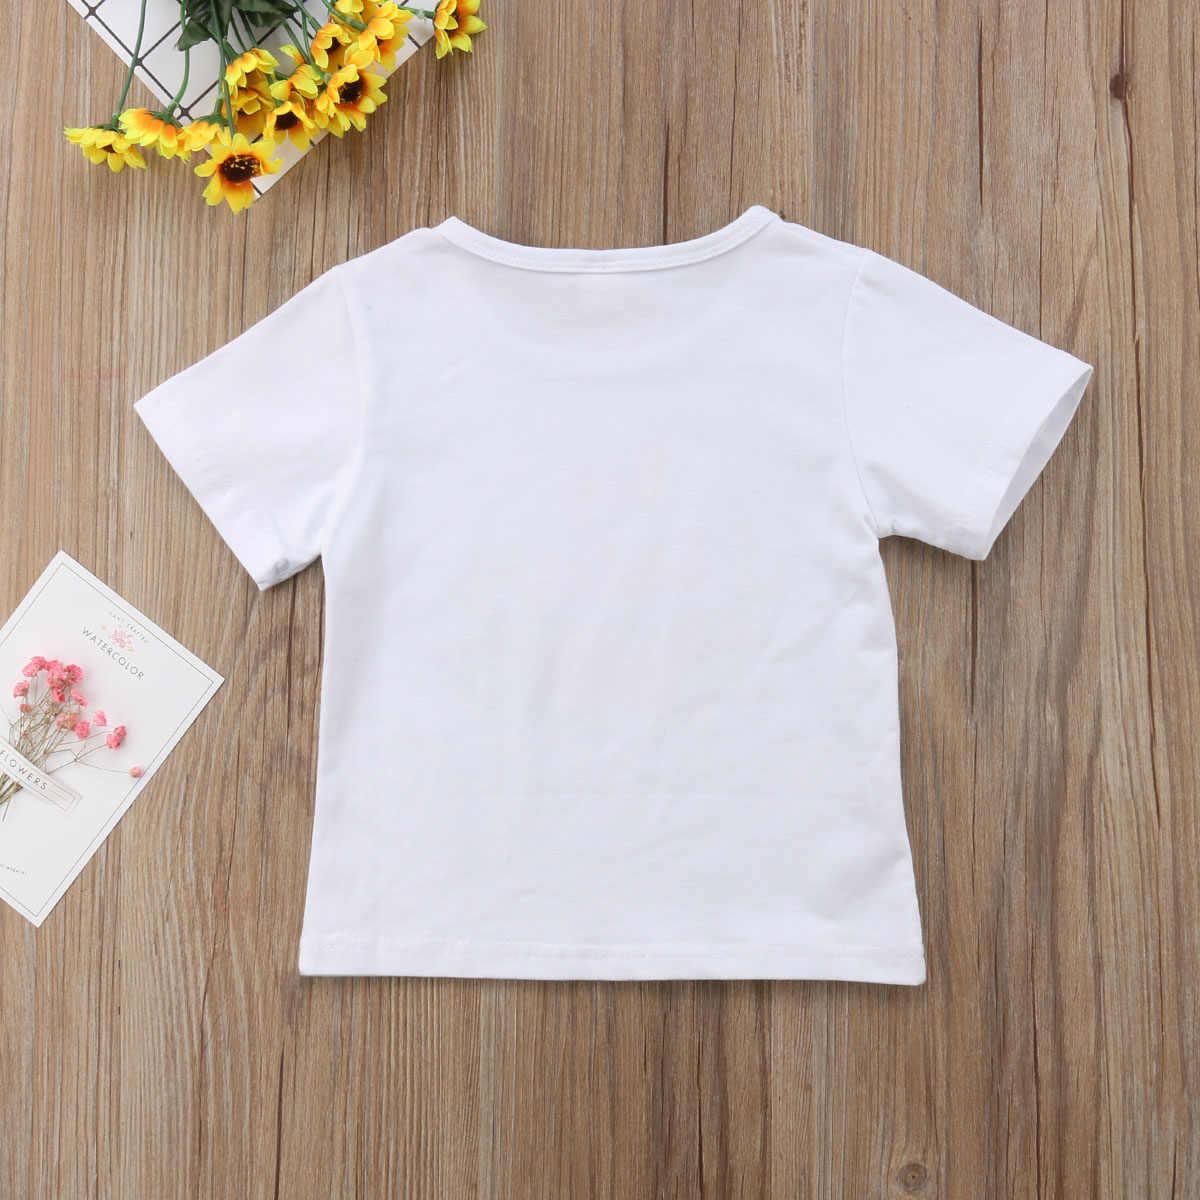 Verano Casual lindo niños bebés niñas a juego Big Little Sister letra flor impresión algodón Romper camiseta ropa